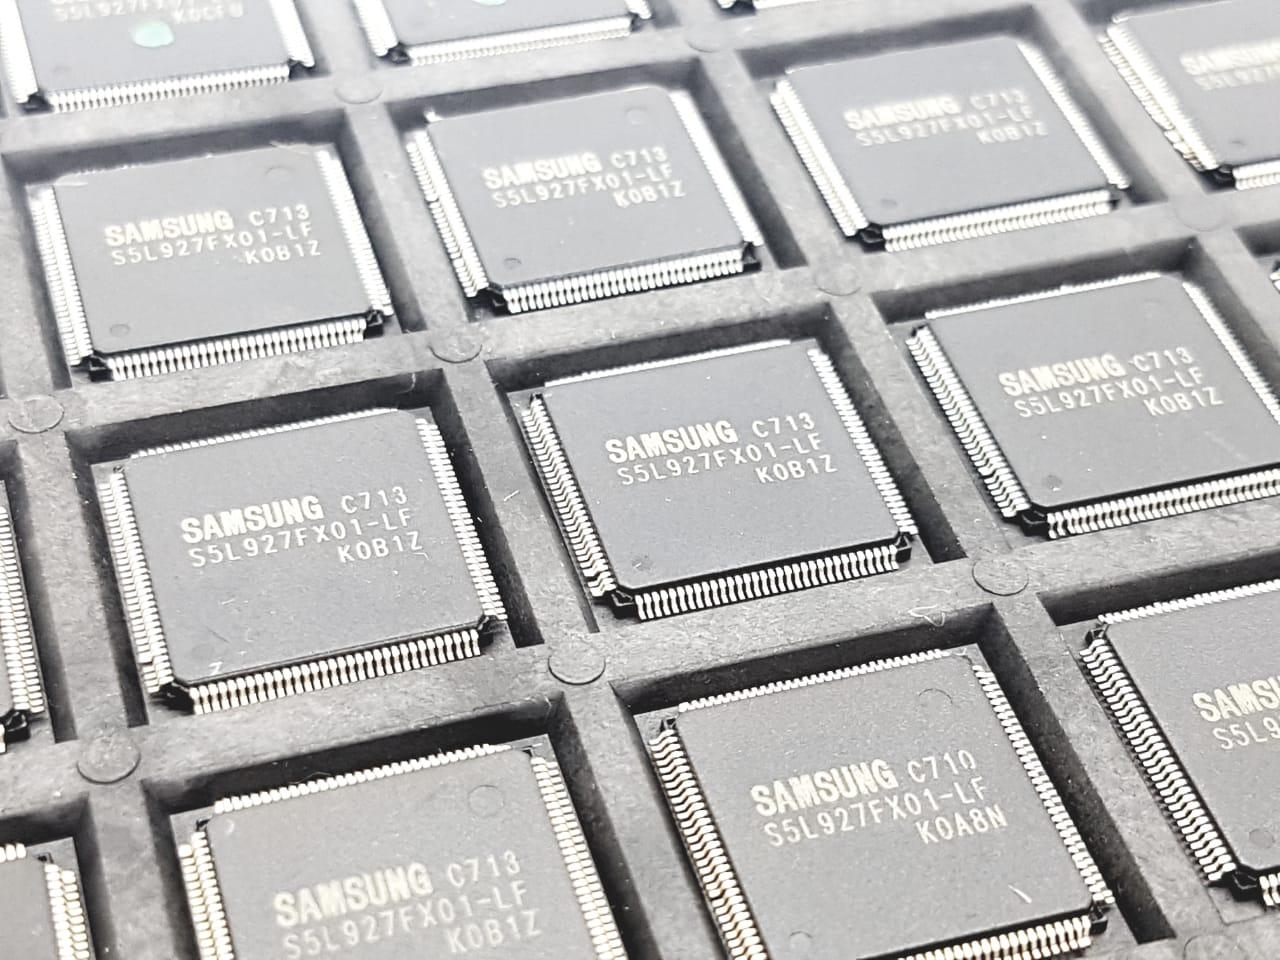 CI Circuito Integrado s5l927fx01-LF rg8172 rádio som Samsung